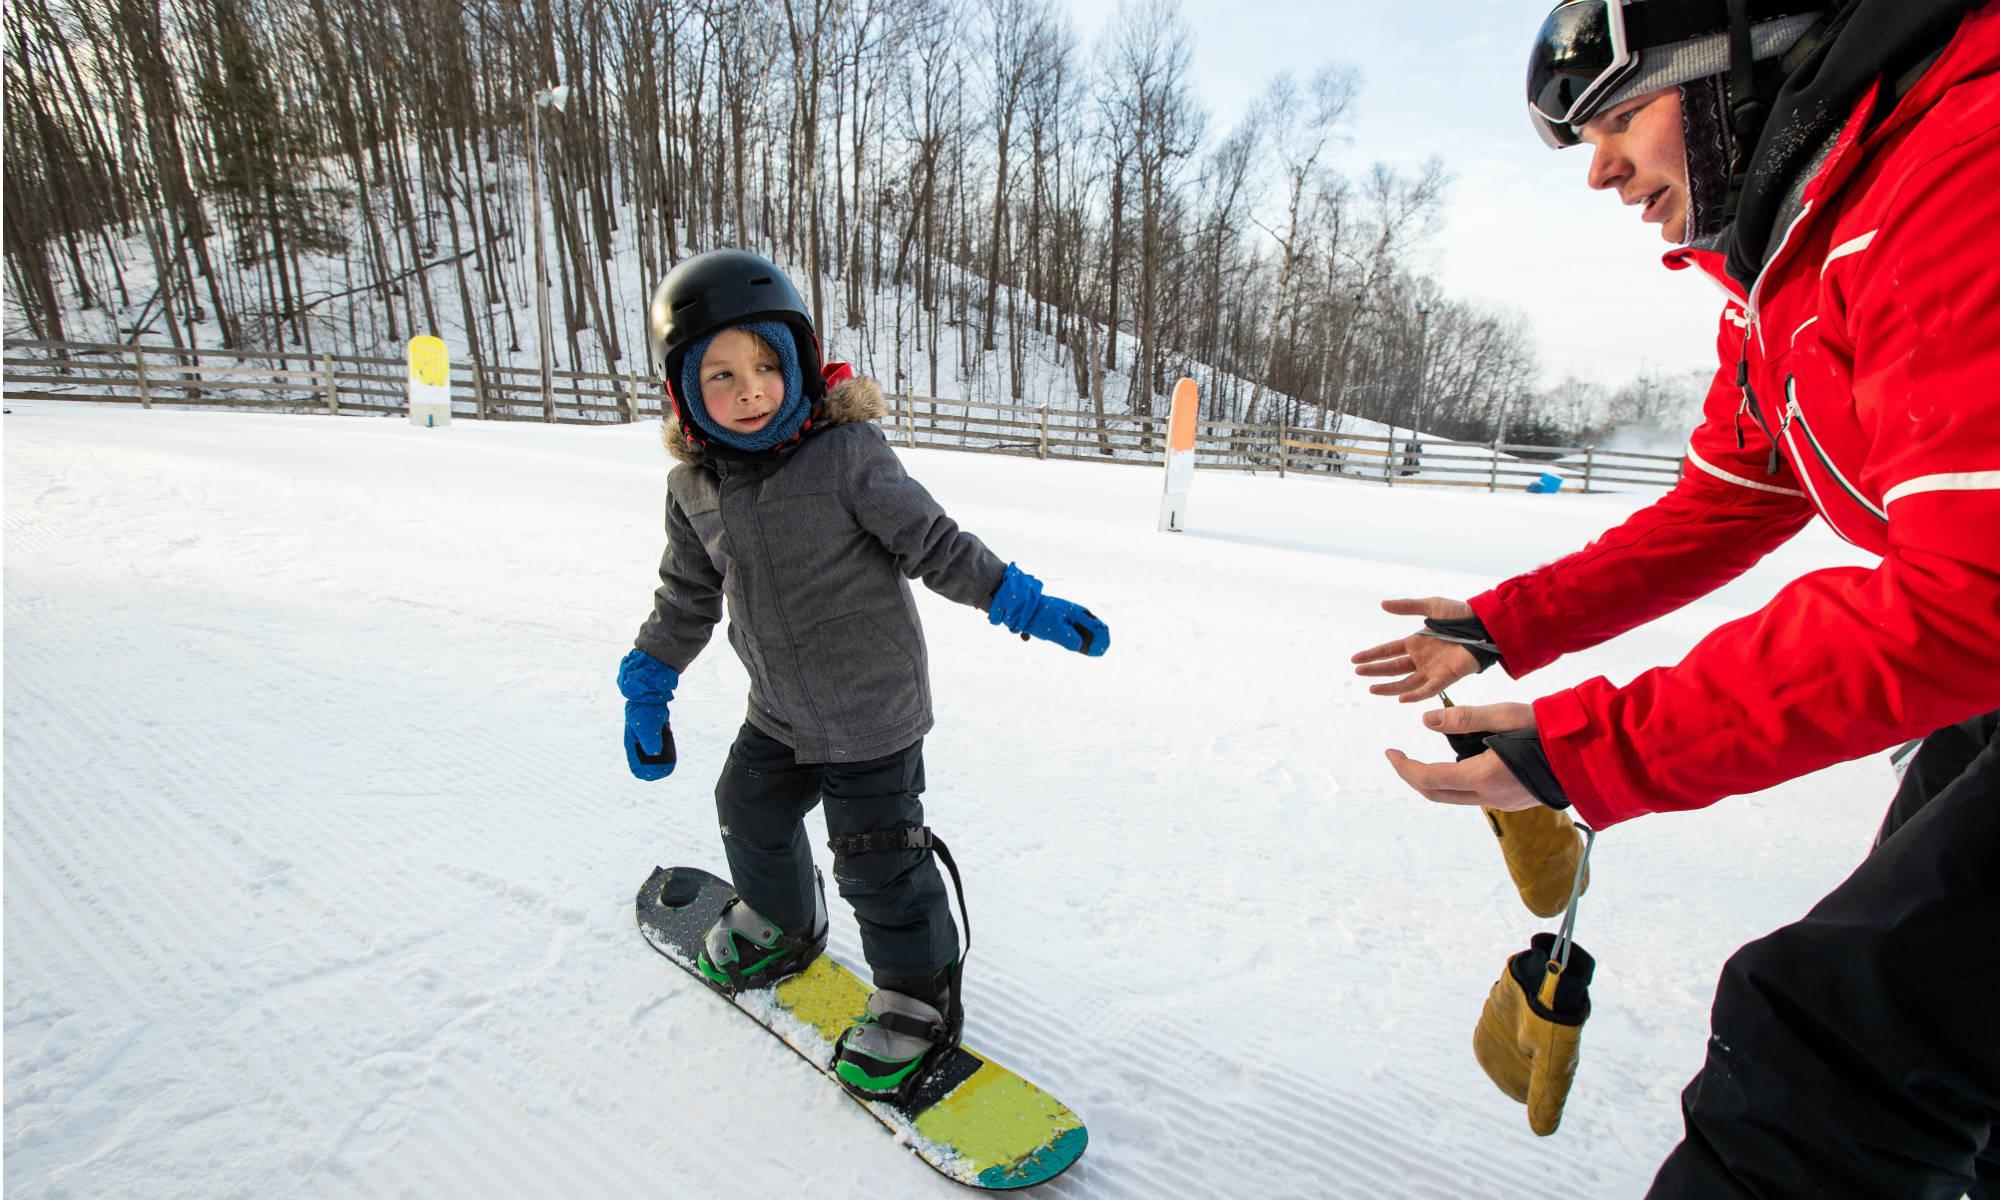 Ein kleiner Junge lernt das Snowboarden in einem Snowboardkurs in Österreich.